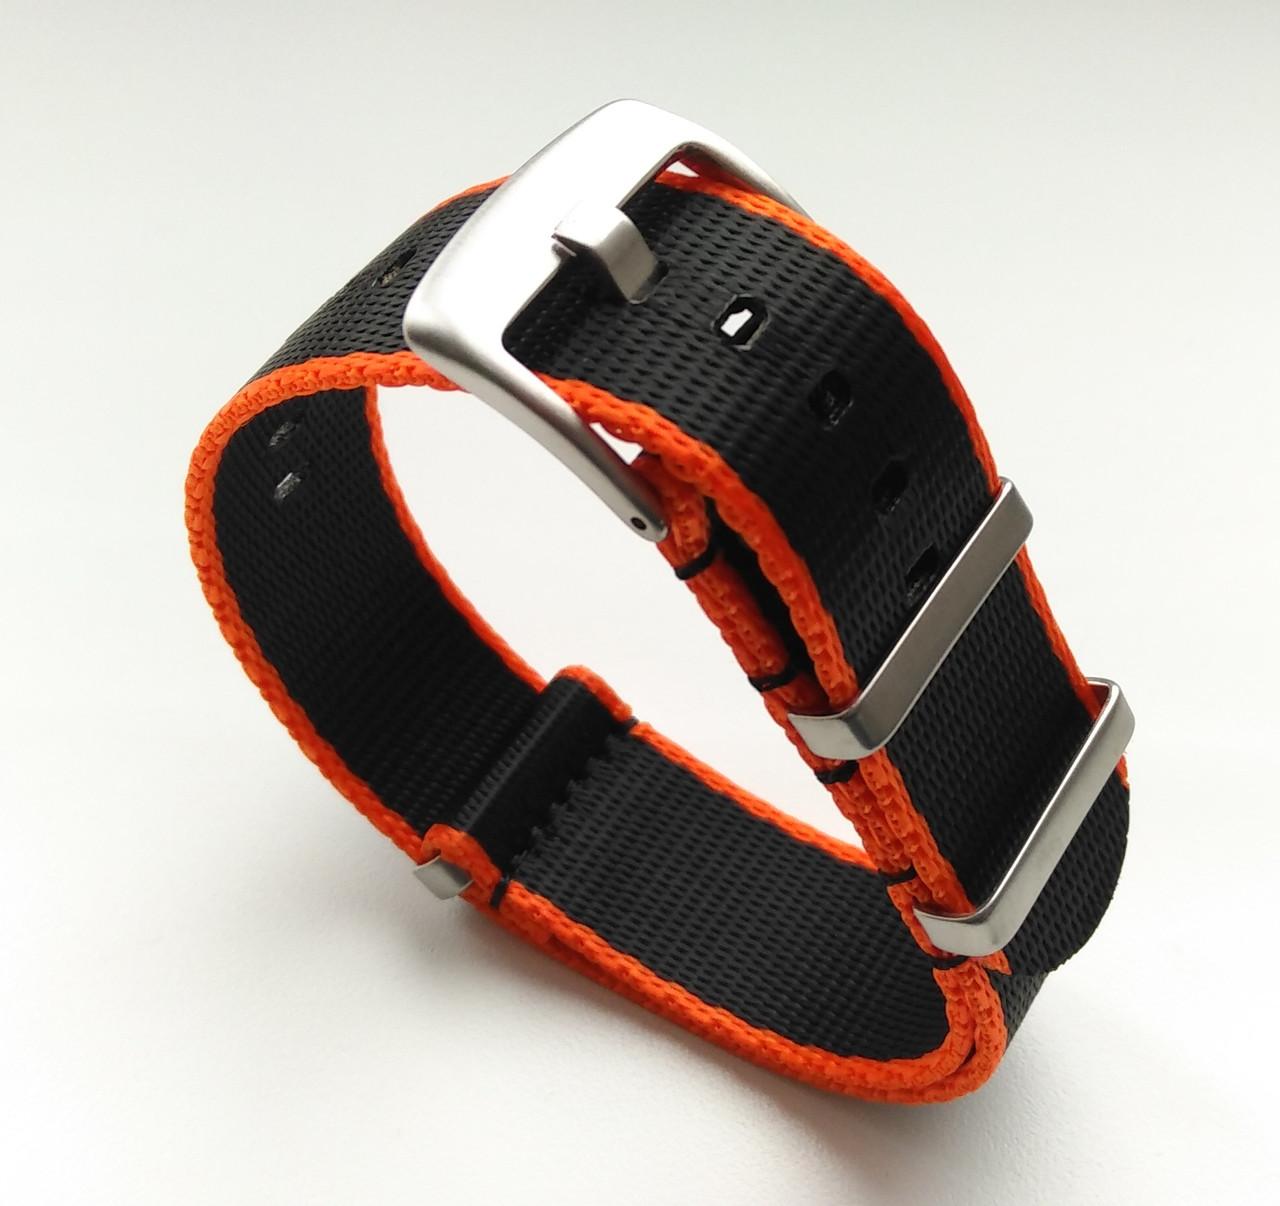 Упрочненный ремешок для часов. Черно-оранжевый. Нато, Nato. Мат. Нейлон. 22 мм